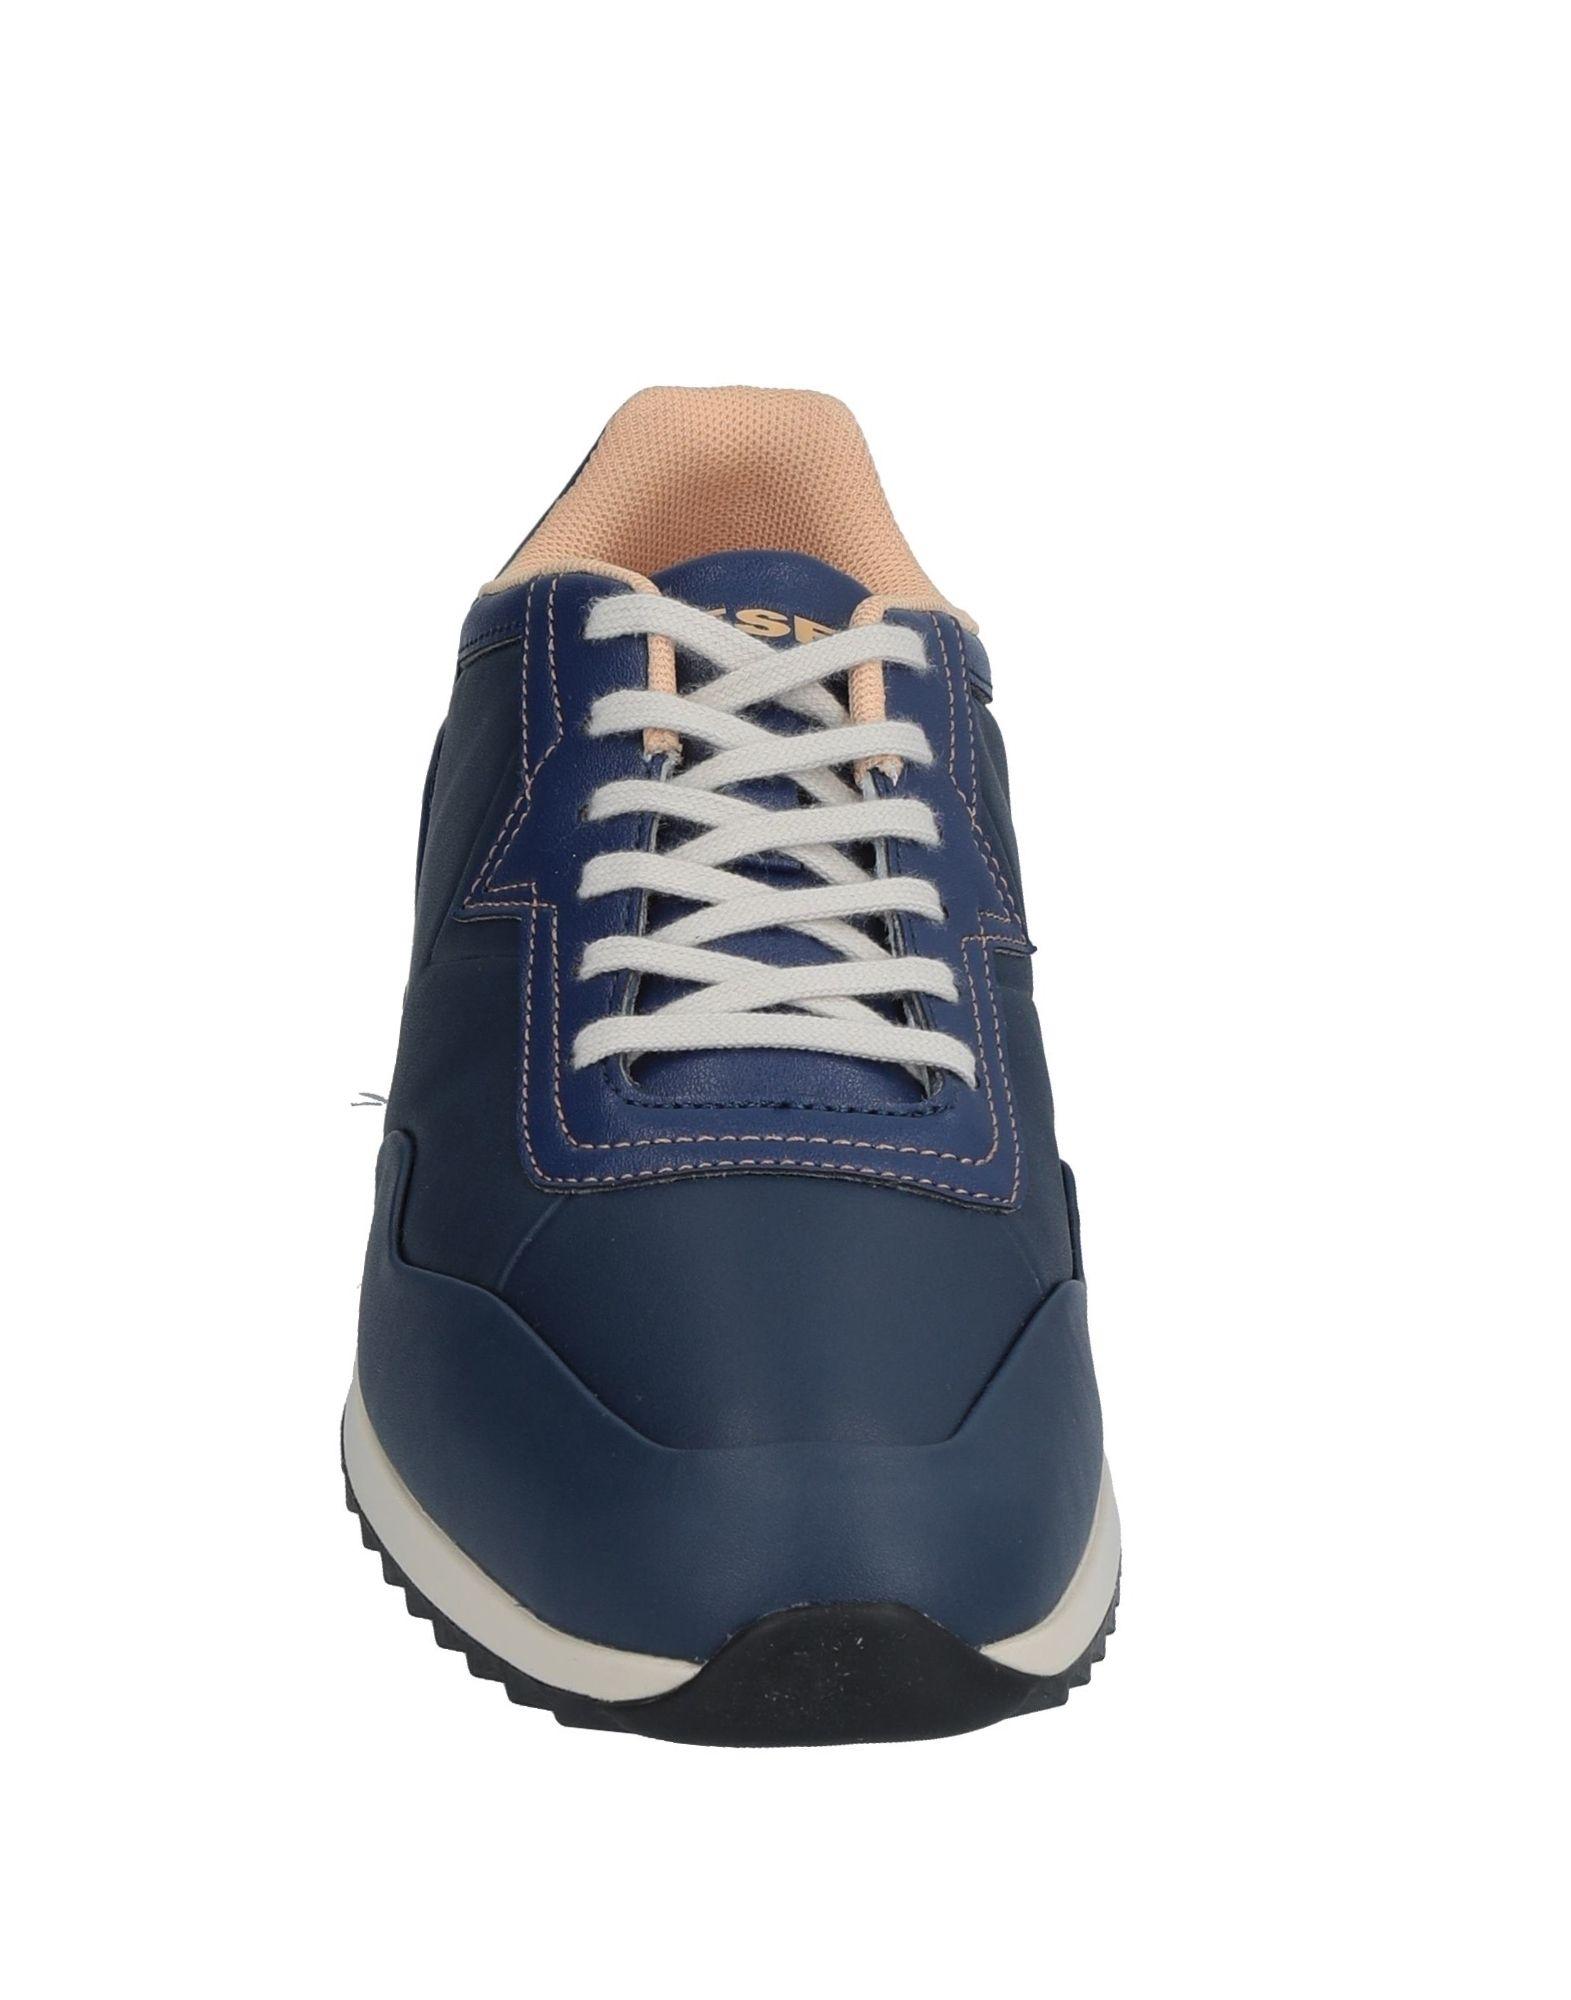 Rabatt echte  Schuhe Diesel Sneakers Herren  echte 11535331KF 0c36d5